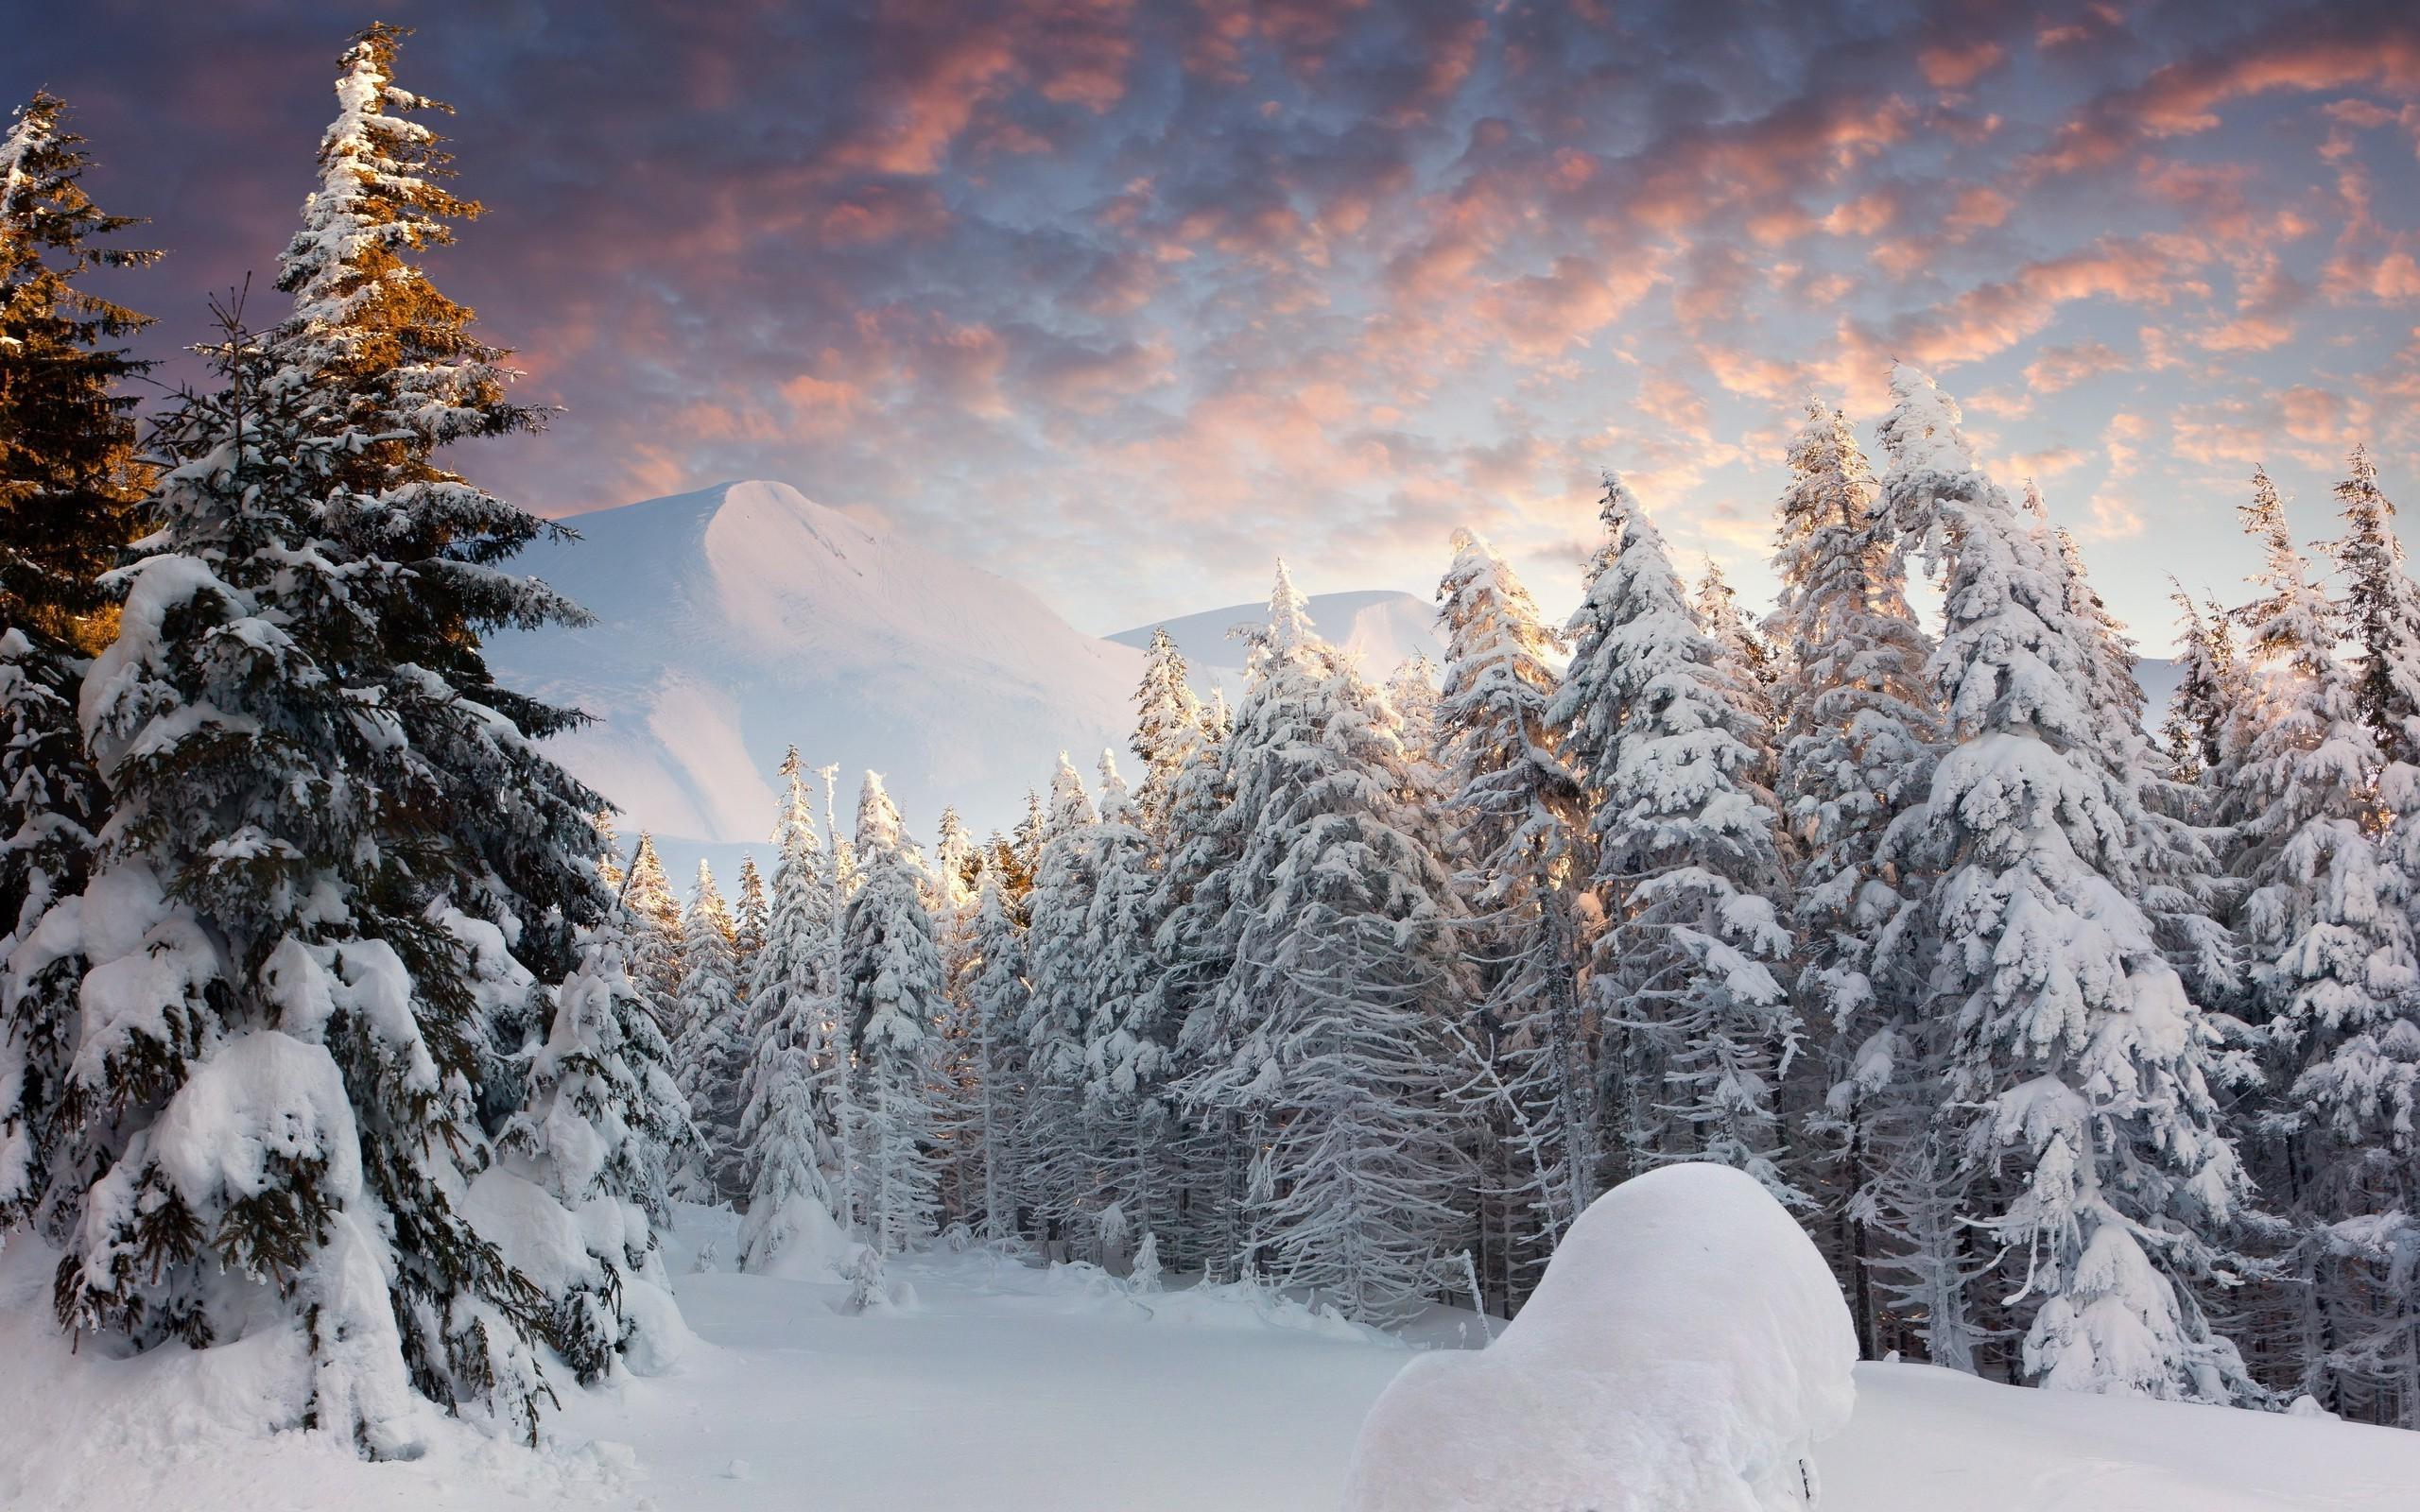 Зима в лесу на рабочий стол обои отличного качества